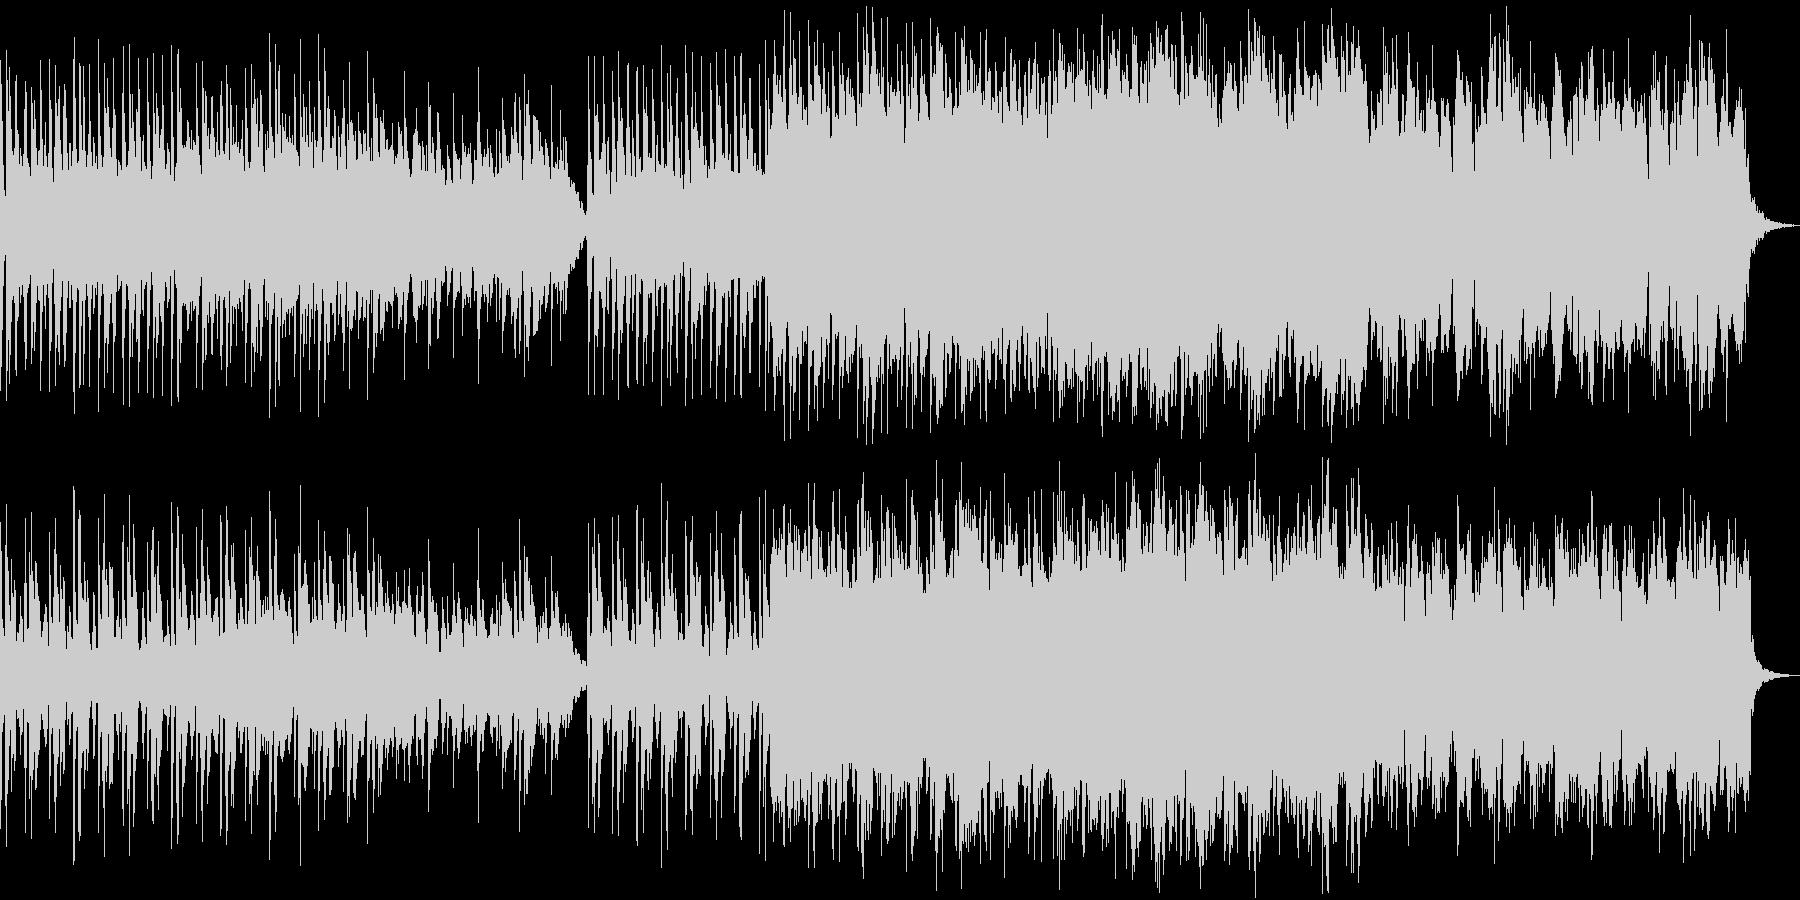 ふわふわしたピアノとチップチューンの未再生の波形